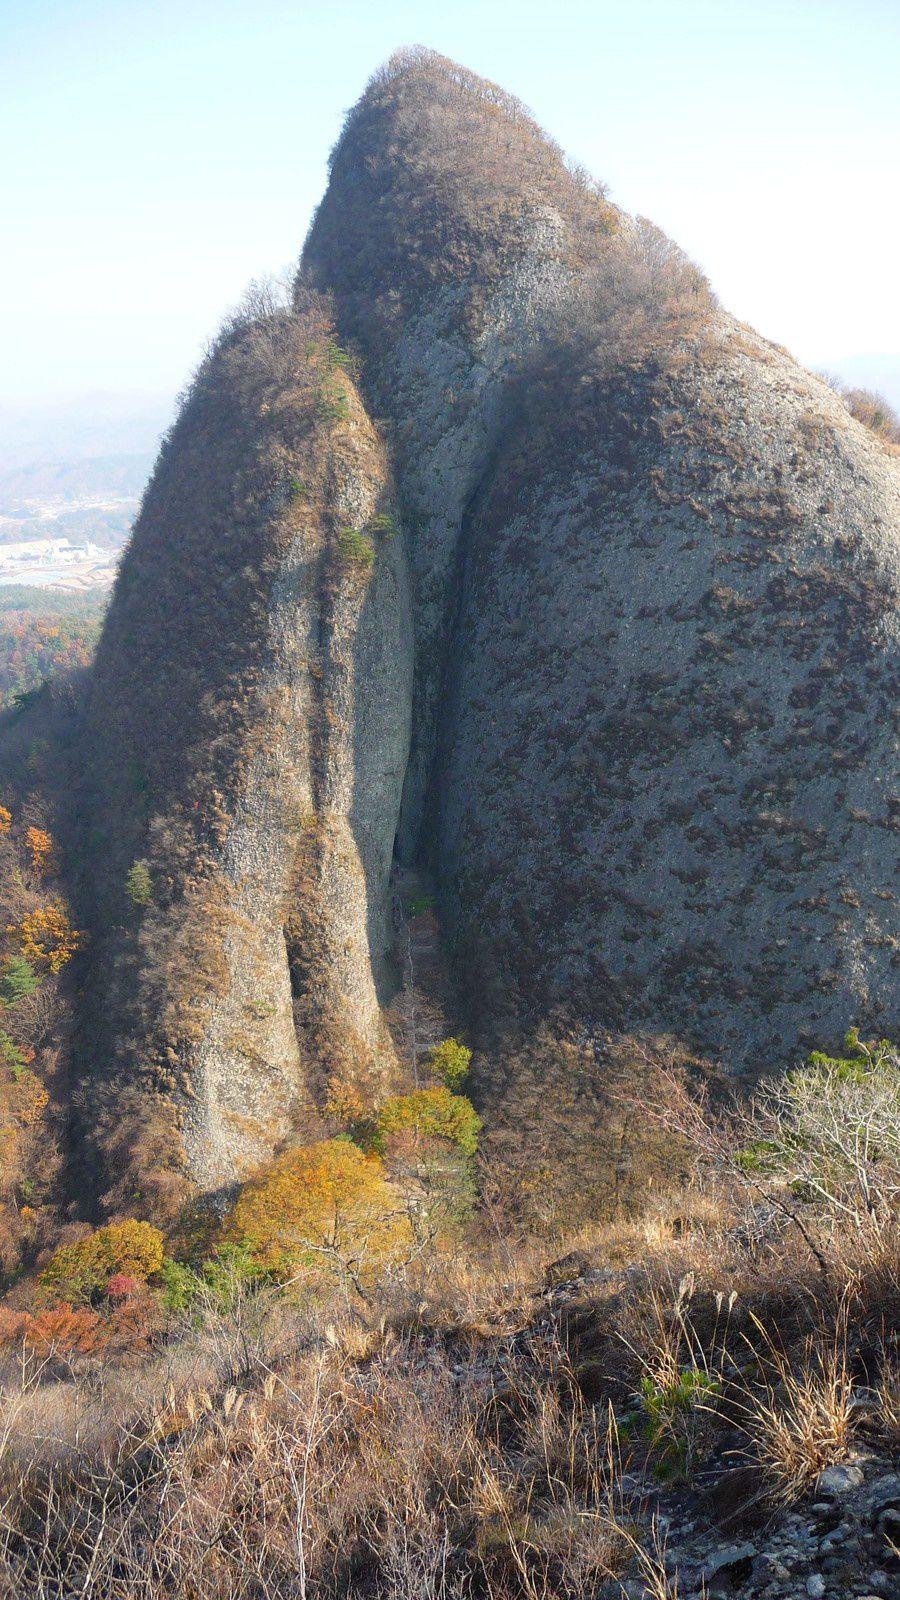 Corée - Maisan provincial park